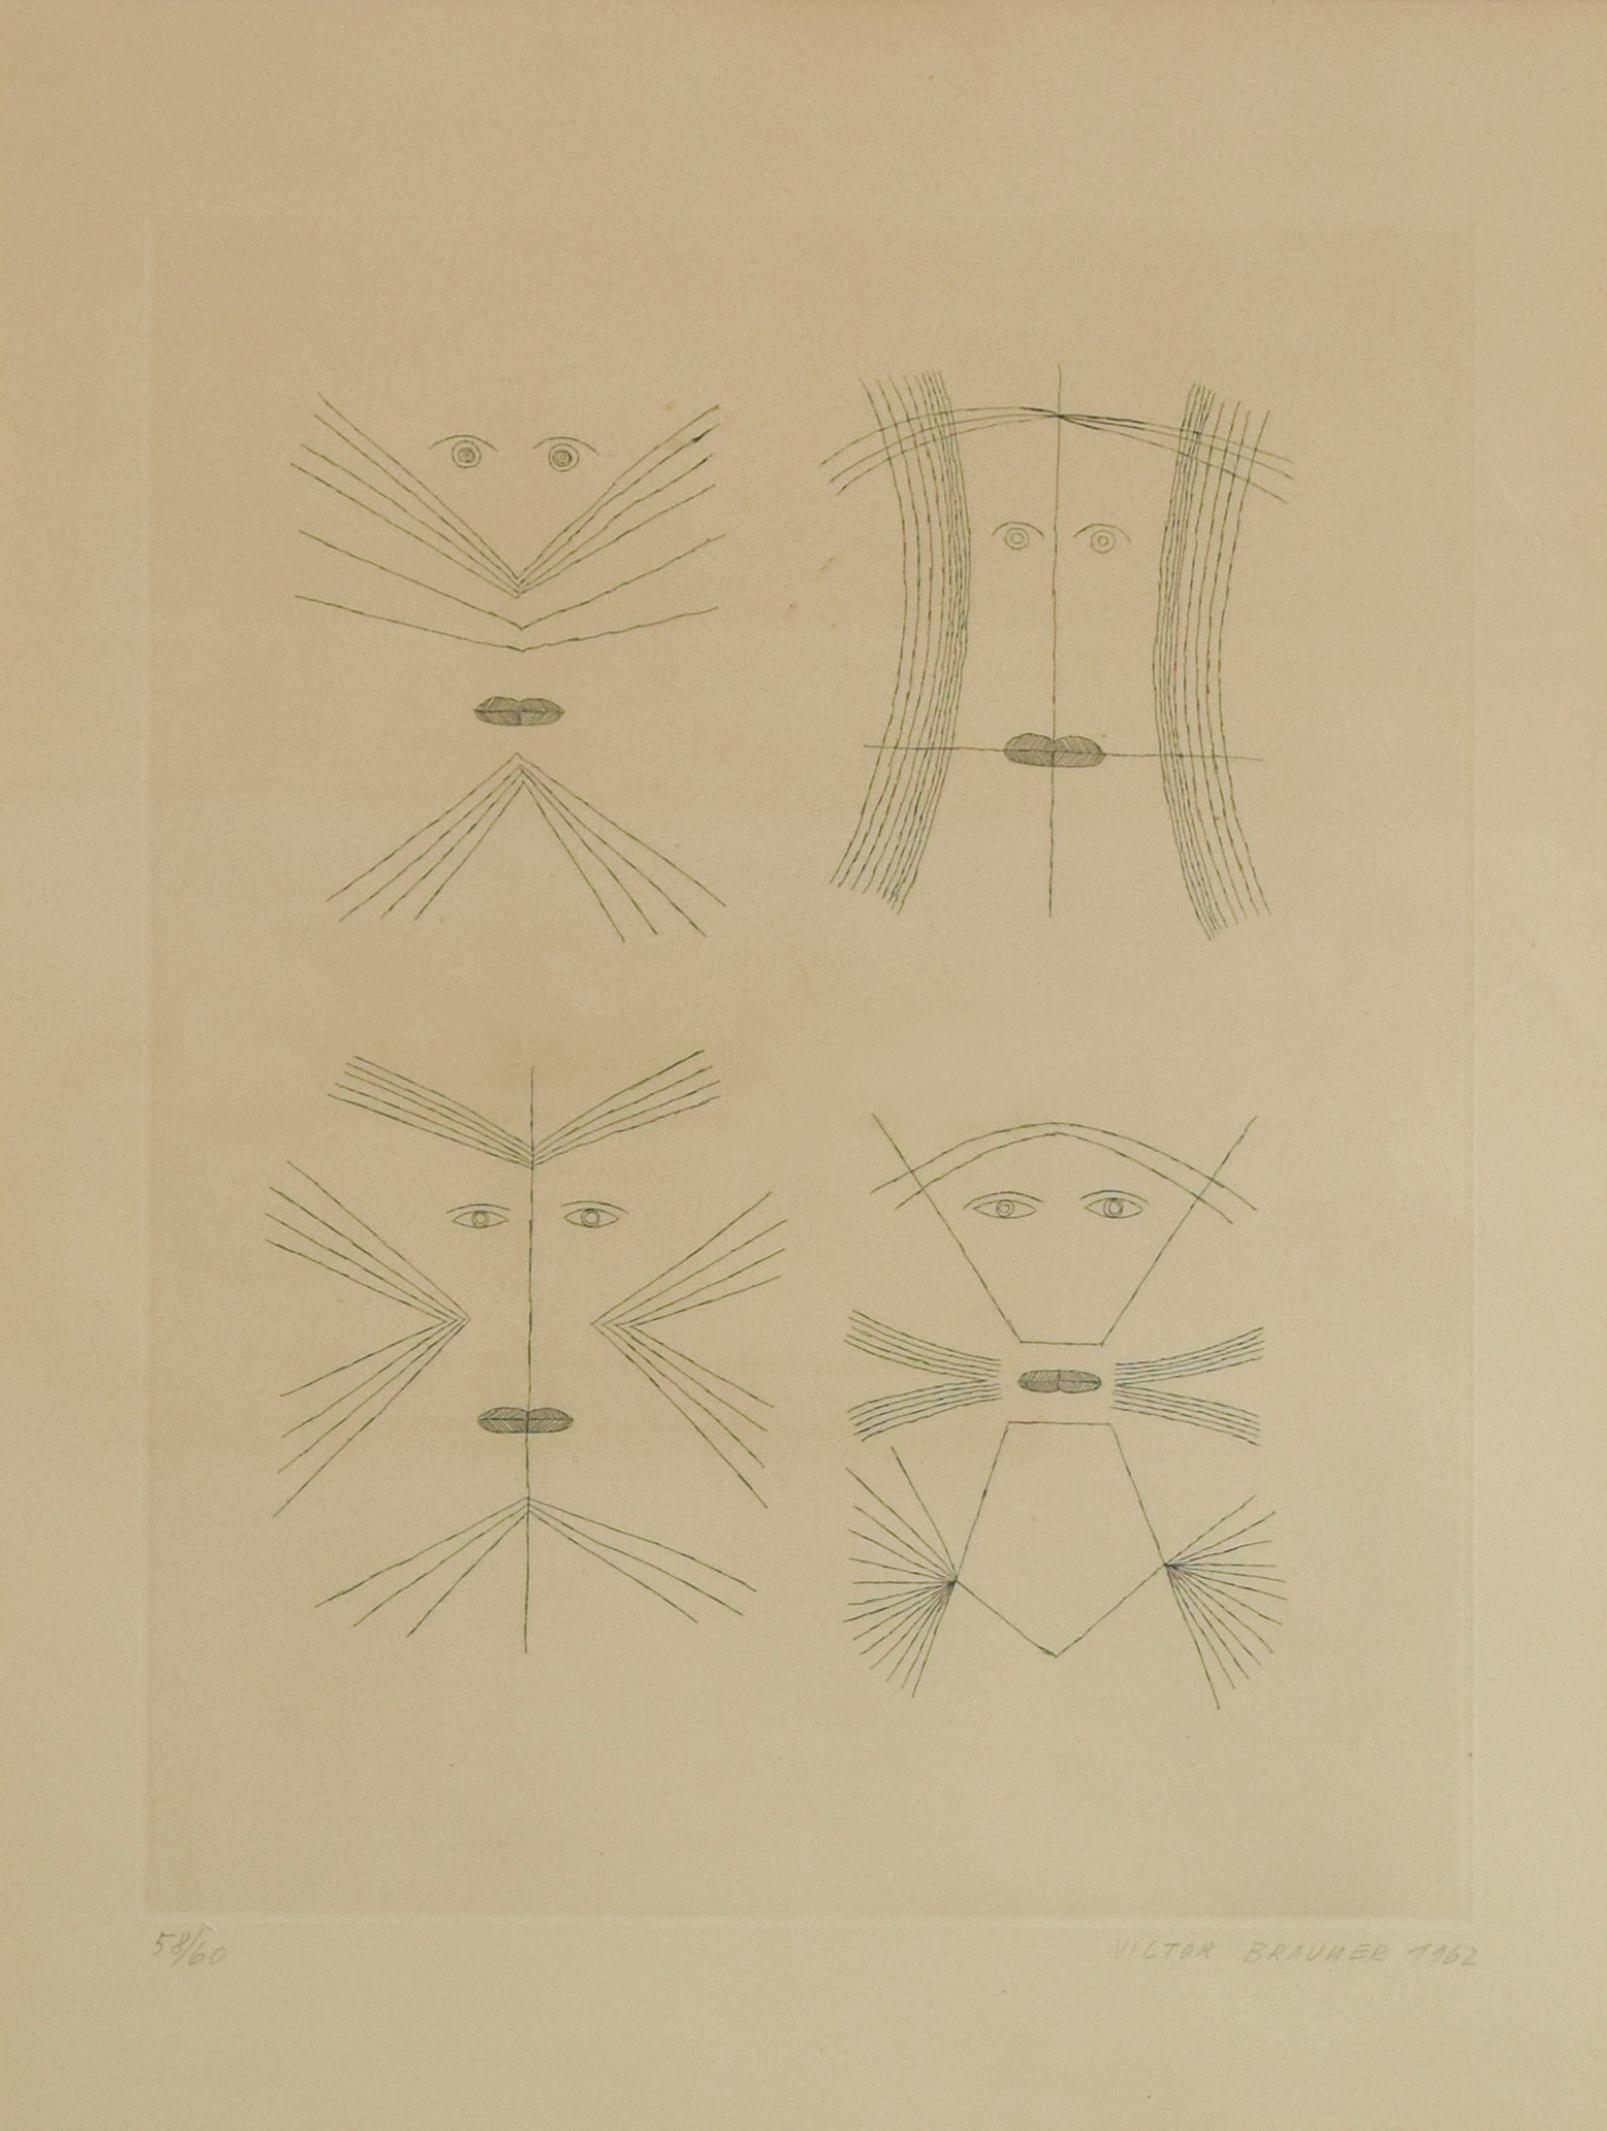 Codex d'un Visage - Original Etching by Victor Brauner - 1962